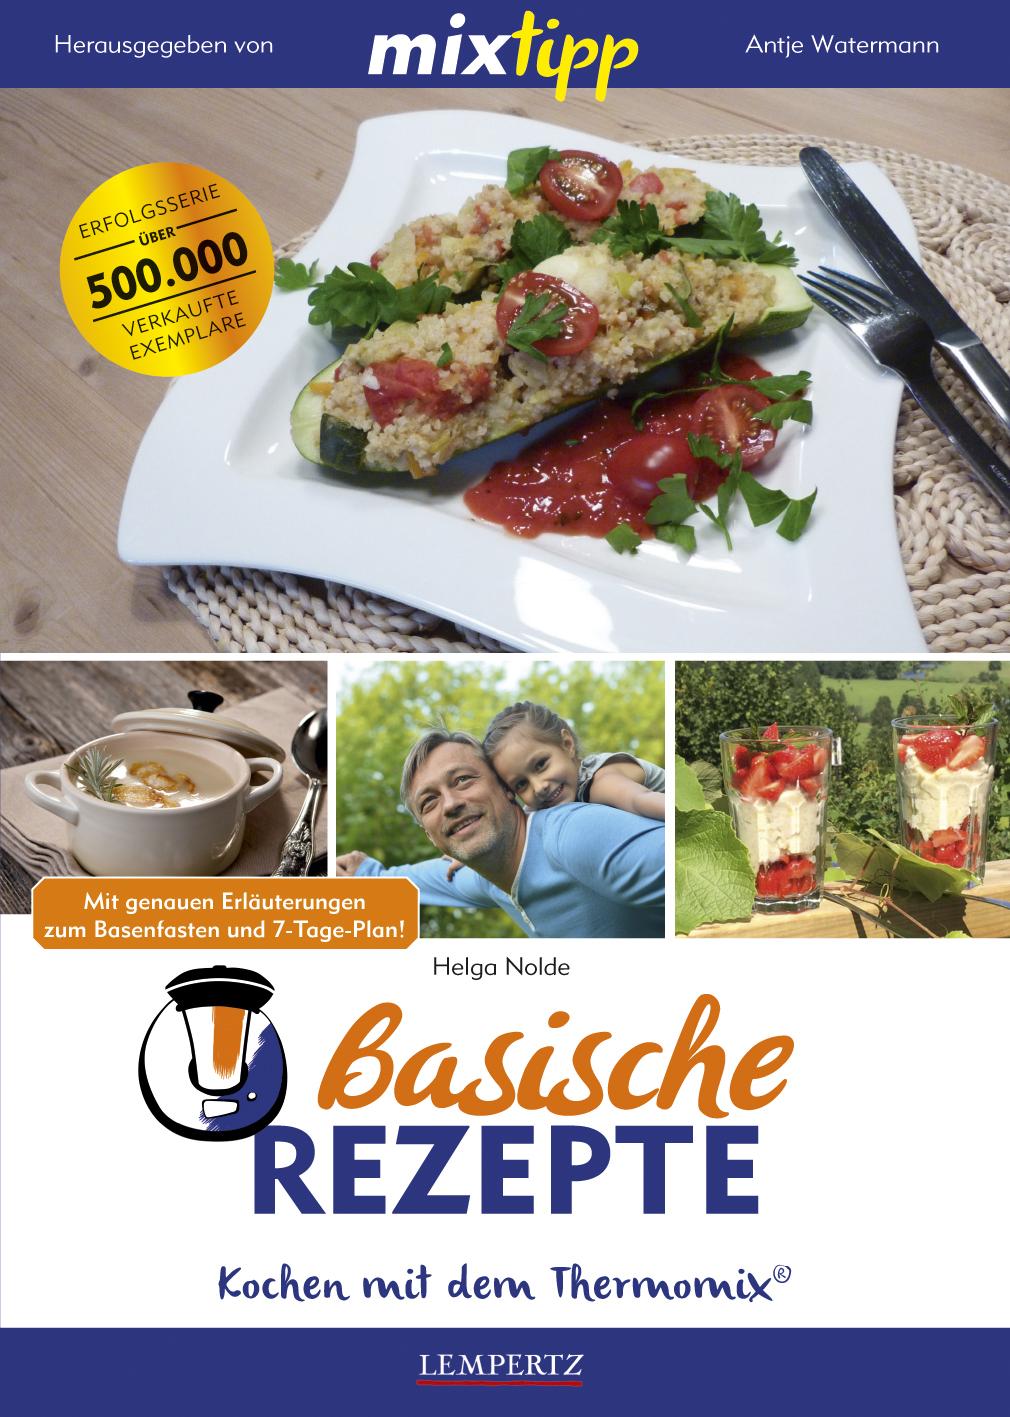 mixtipp: Basische Rezepte Helga Nolde 9783960580980